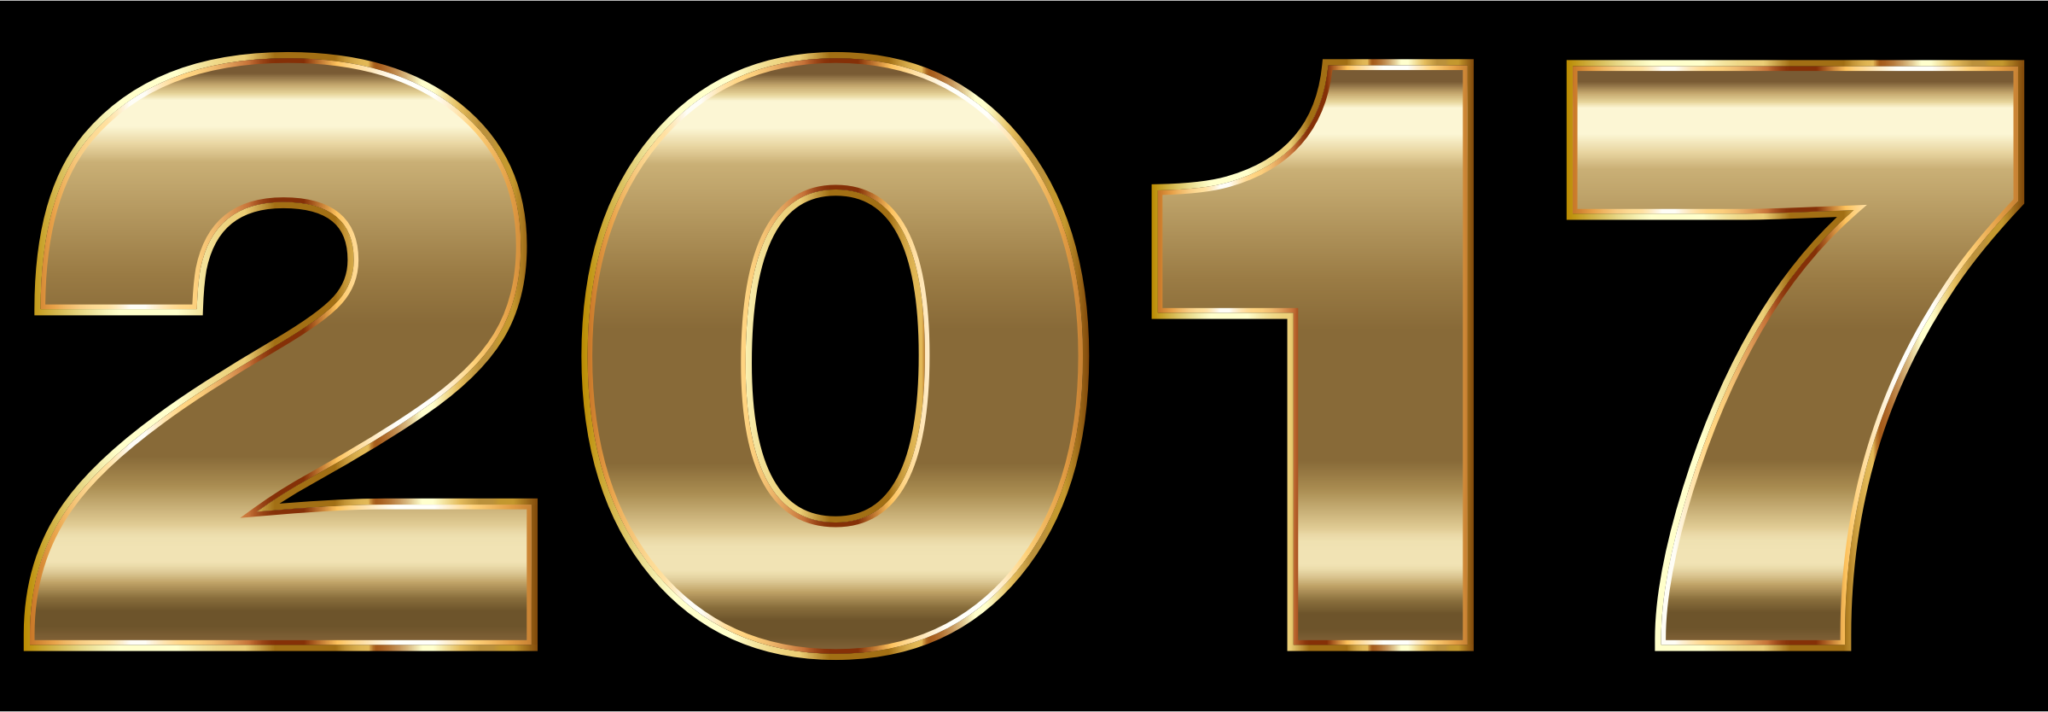 2017-pic